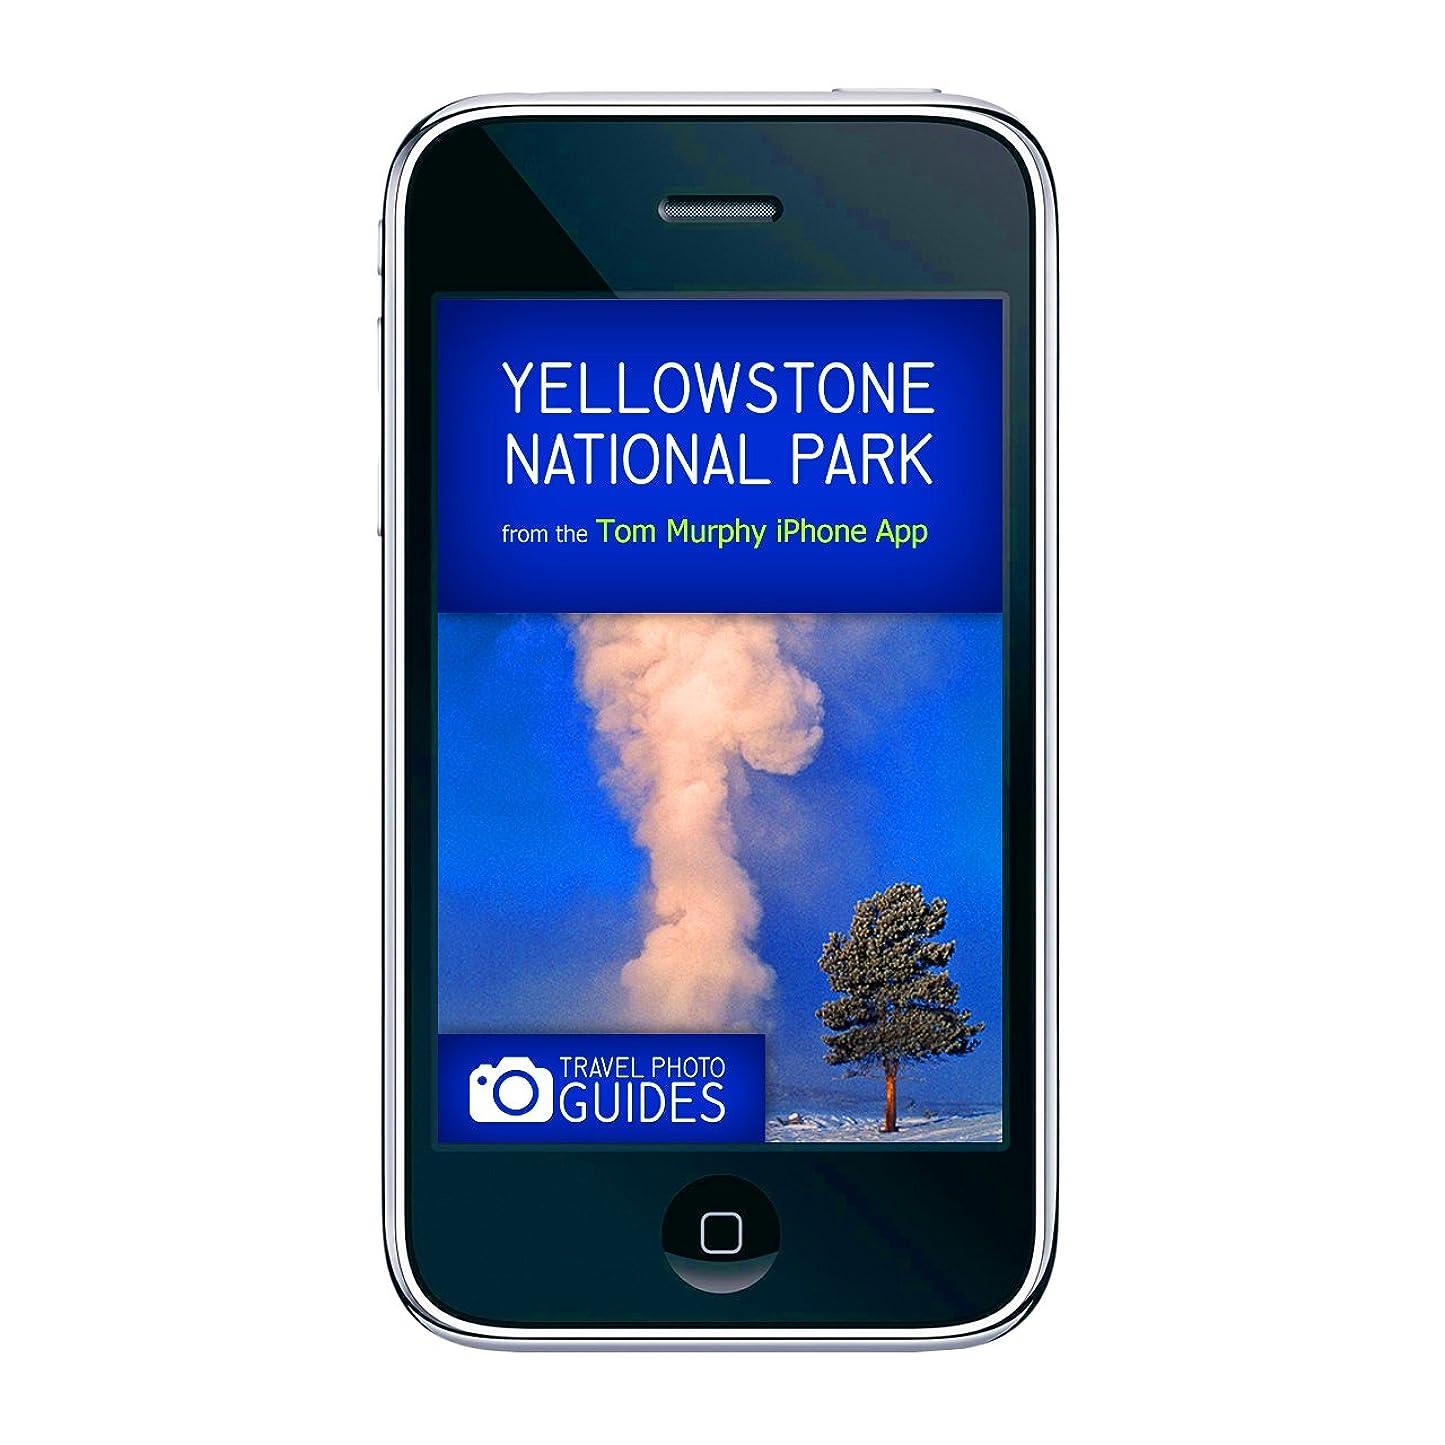 配るおびえた遷移Yellowstone National Park: from the Travel Photo Guides iPhone App (English Edition)